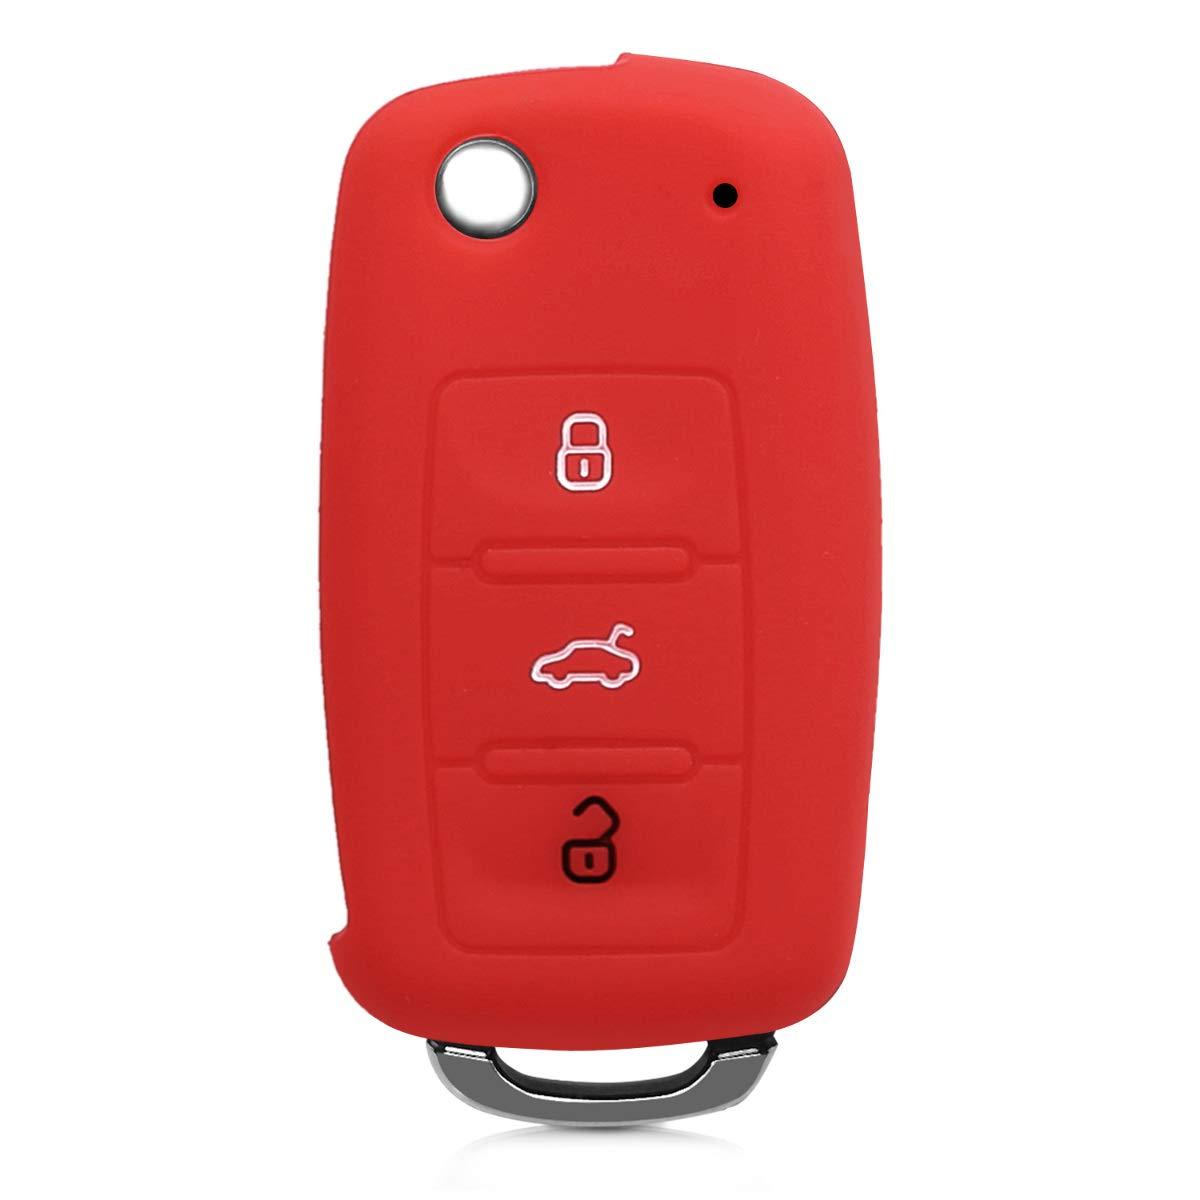 Alfombra cubeta protector cubre maletero Extrem a medida para Discovery V 5 desde 2017 Car Lux AR05064